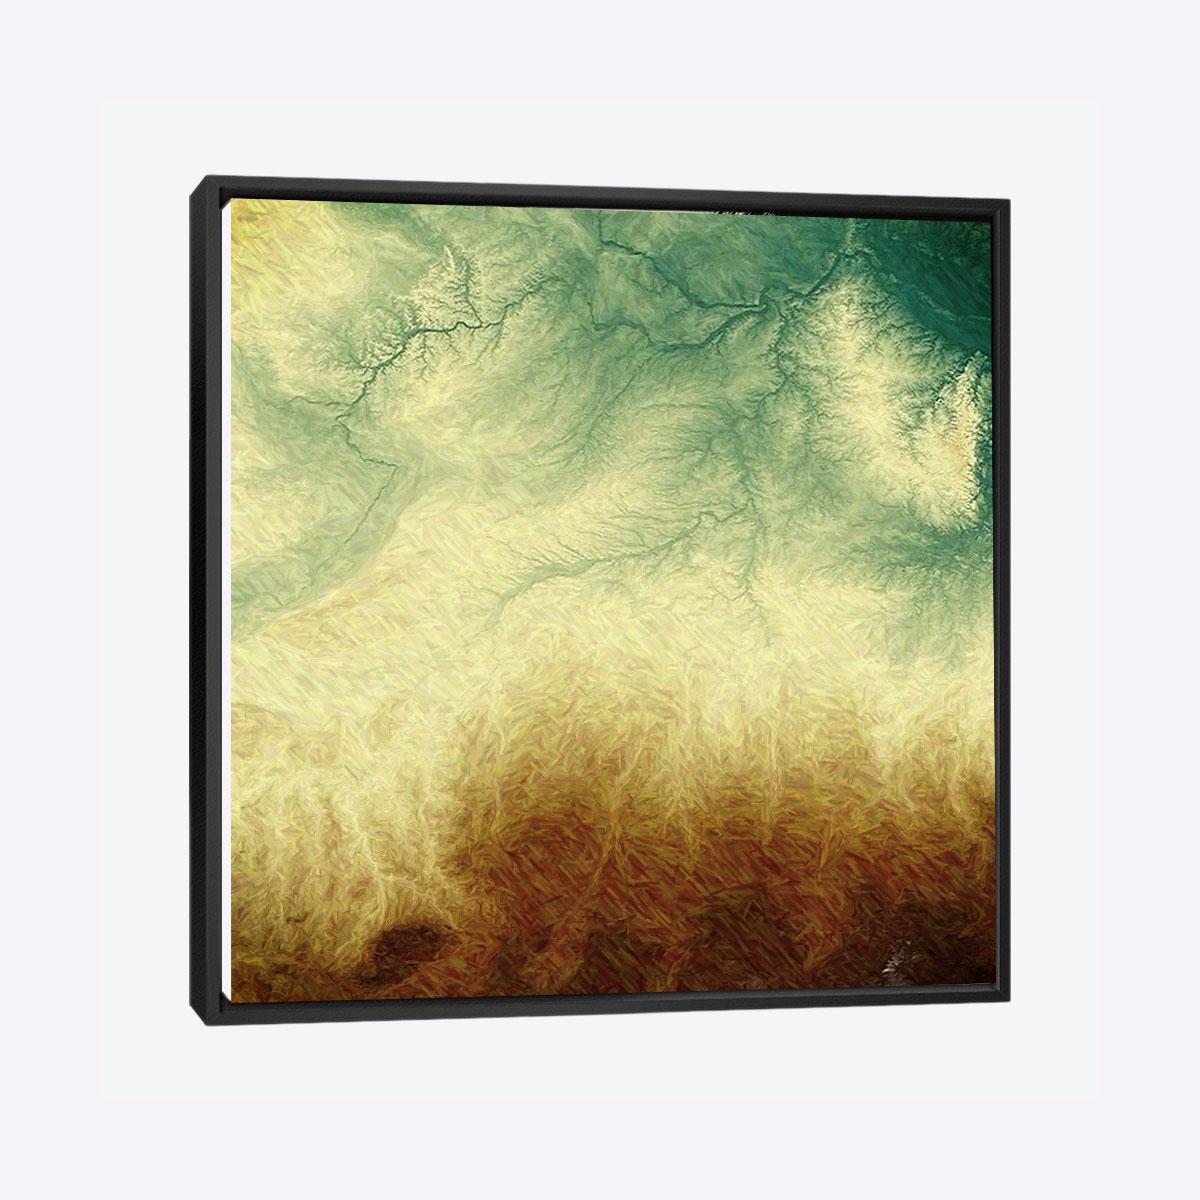 لوحات جدارية - قصاصات حقول - لوحات جدارية - لوحات فنية مميزة - لوحة حائط مفعمة بجمال تناثر الألوان المائية على كانفس مشدود عالي الجودة تعطي شعور السلام والفن الراقي مع بصمة الذوق الرفيع الذي يتناسب مع جميع أثاثكم